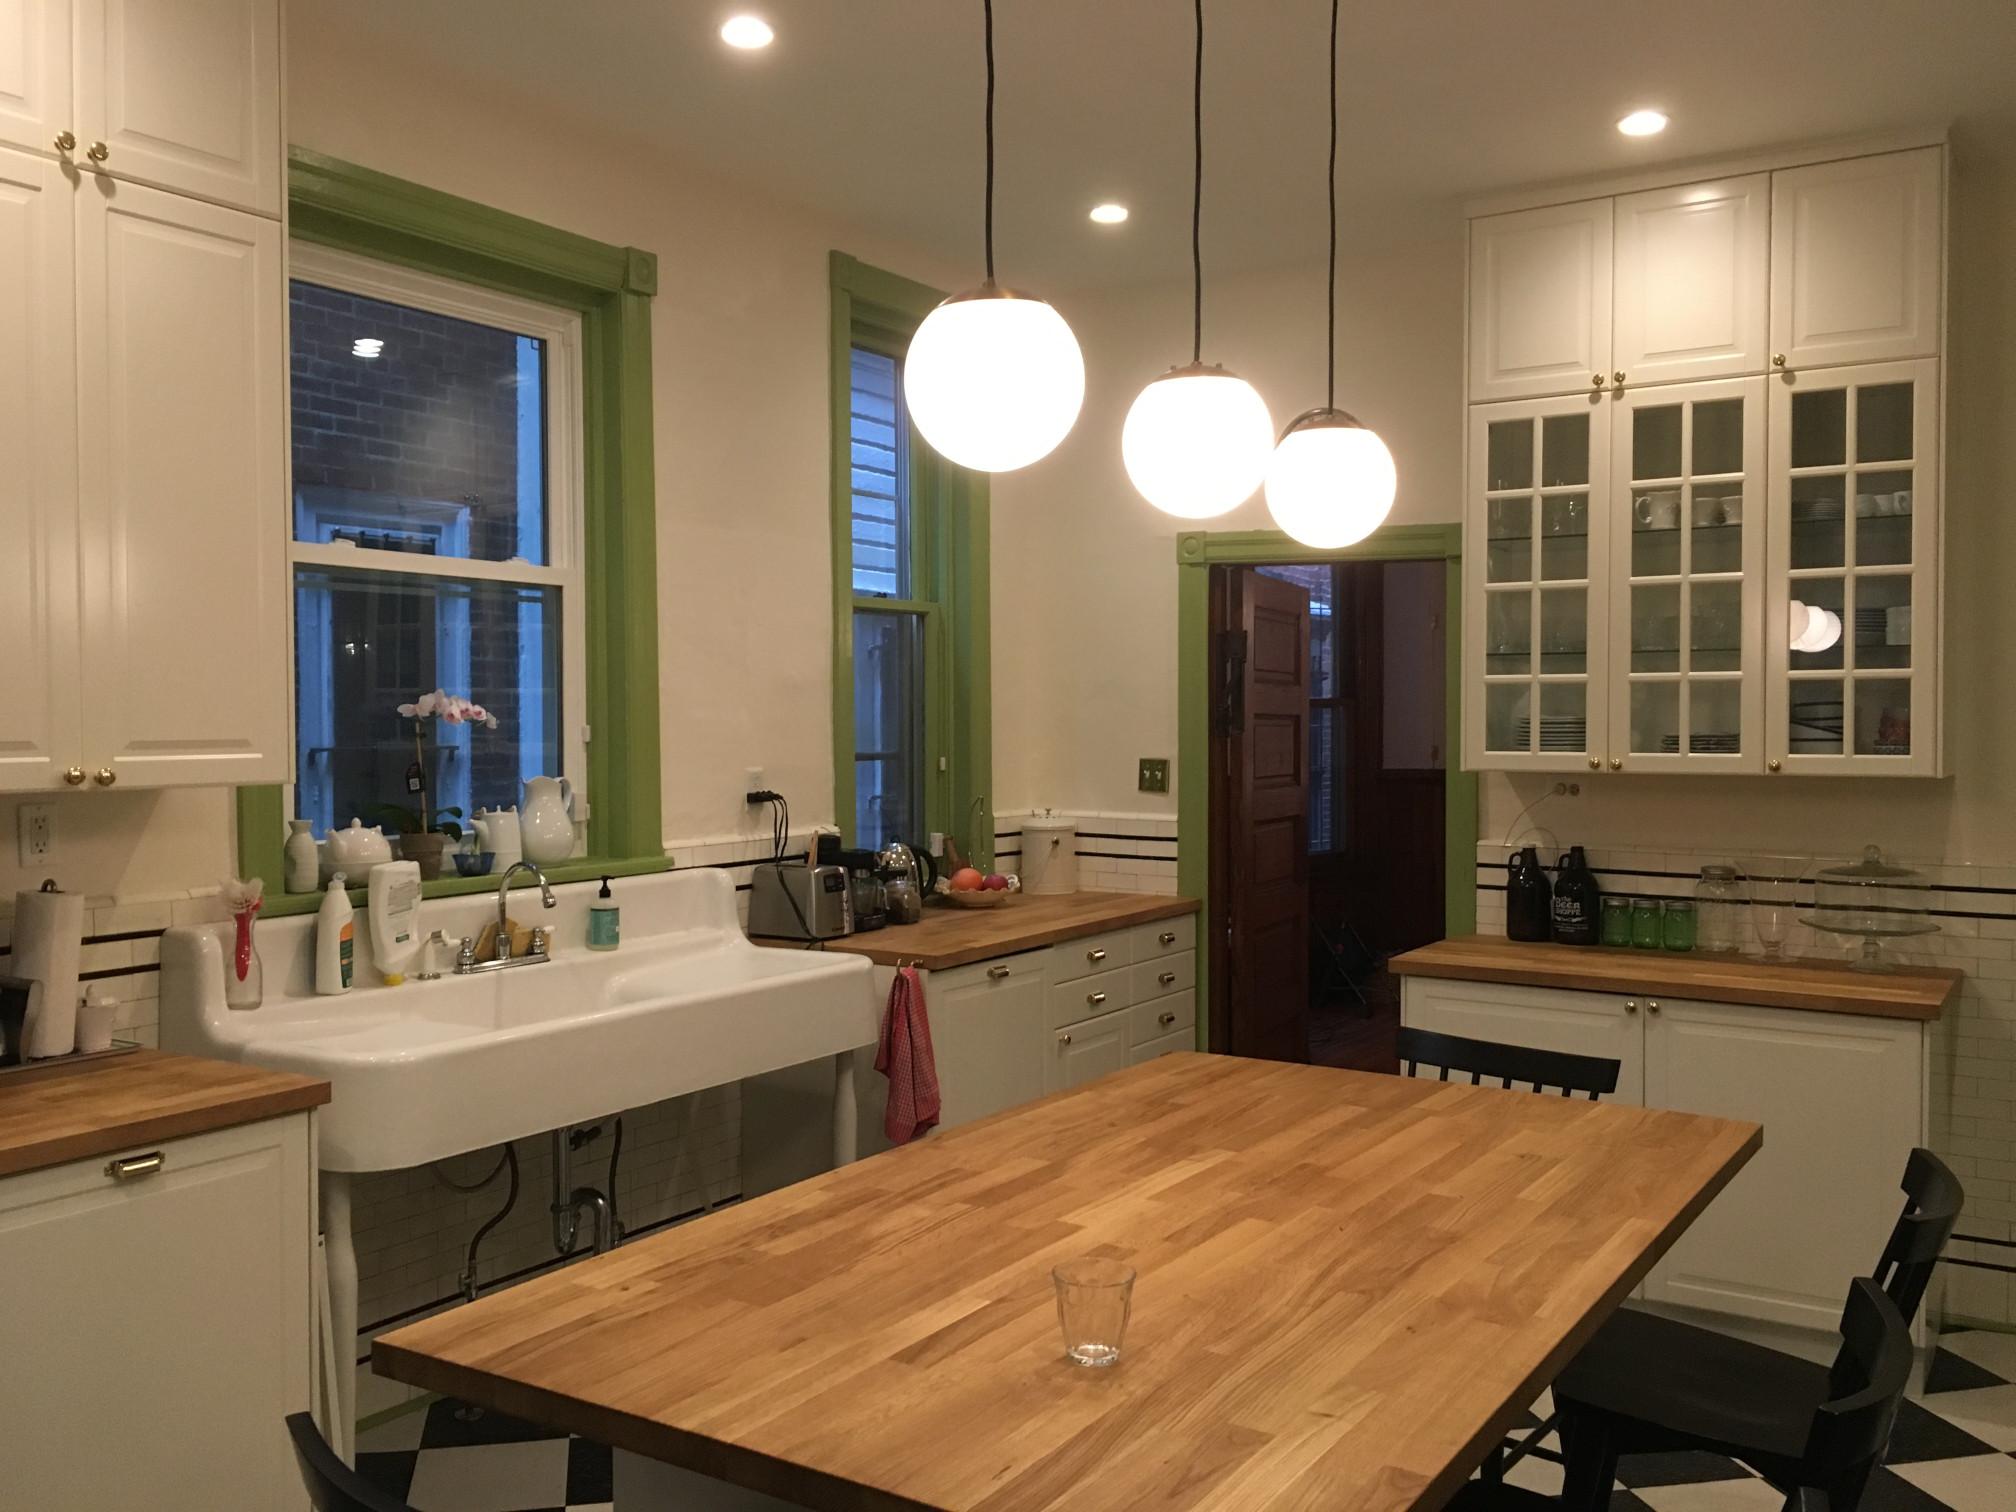 new_old_kitchen_1.JPG